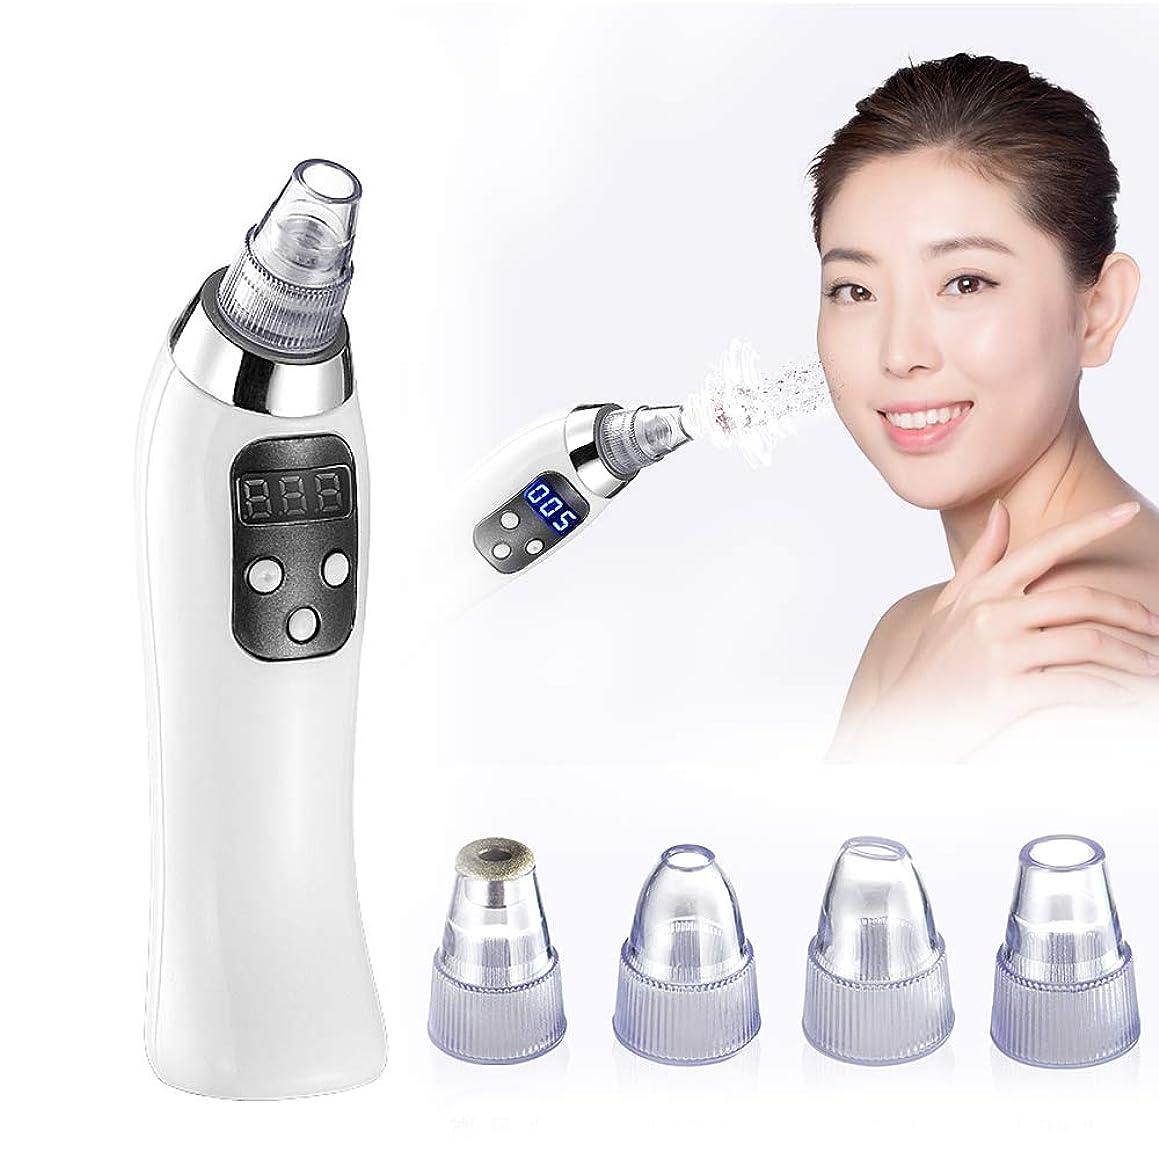 必須アーク指定するにきびの除去剤の気孔の掃除機 - 電気顔のアクネの面取りの抽出器、再充電可能な角質除去機械(4つの取り替え可能な調査)